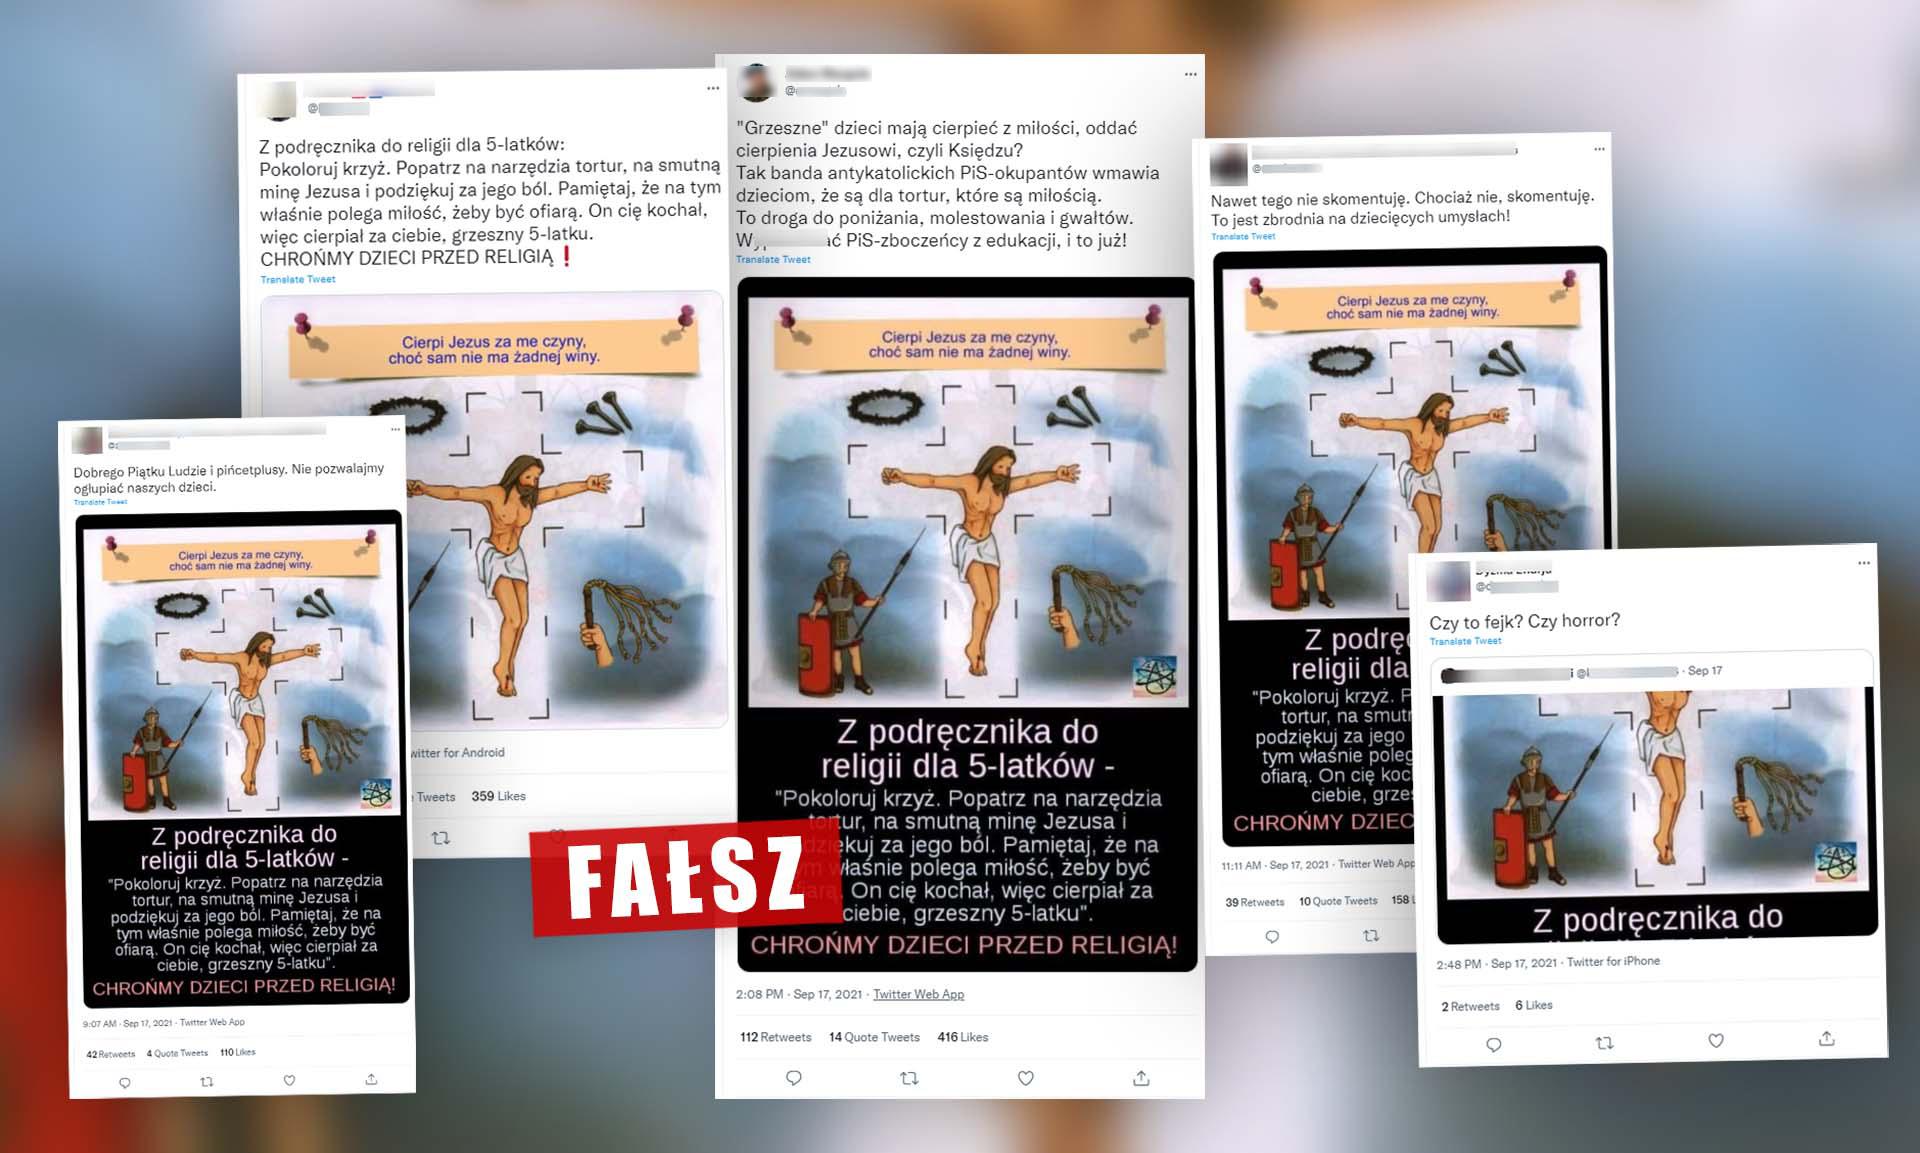 Fałszywy przekaz rozchodzi się w mediach społecznościowych